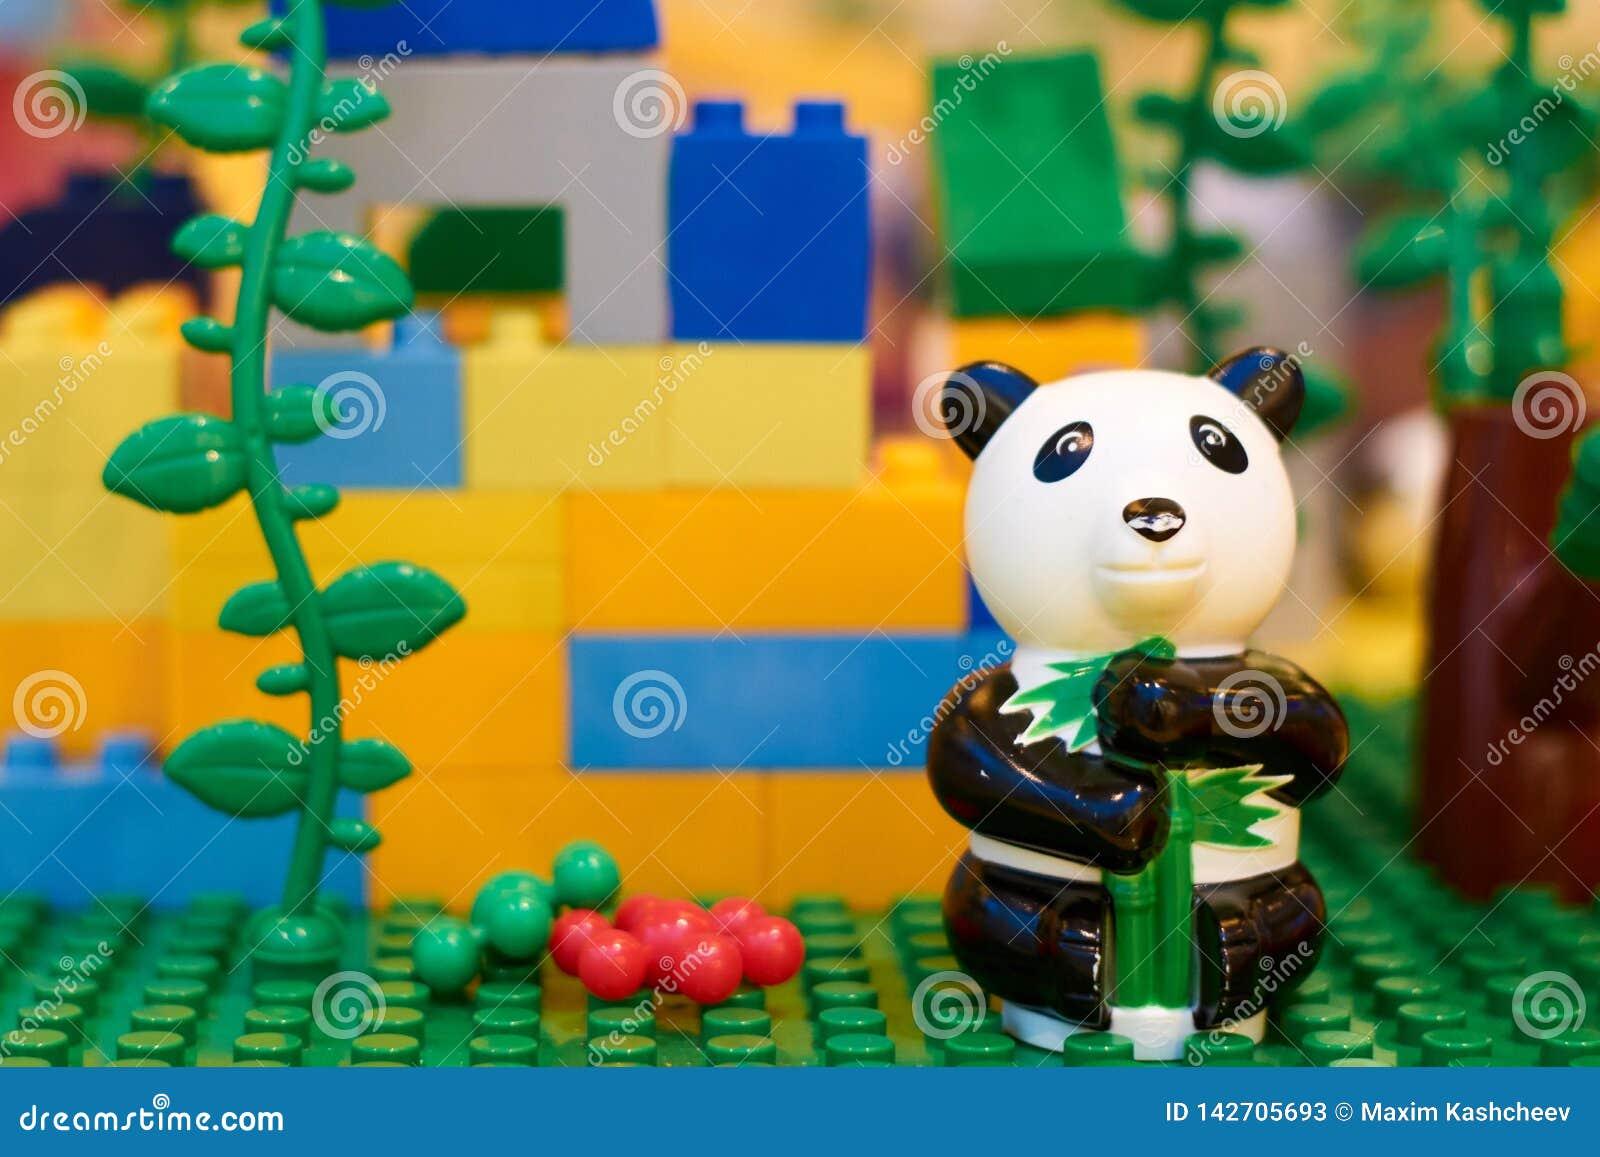 De zwart-witte panda zit alleen tegen de achtergrond van kubussen van de ontwerper